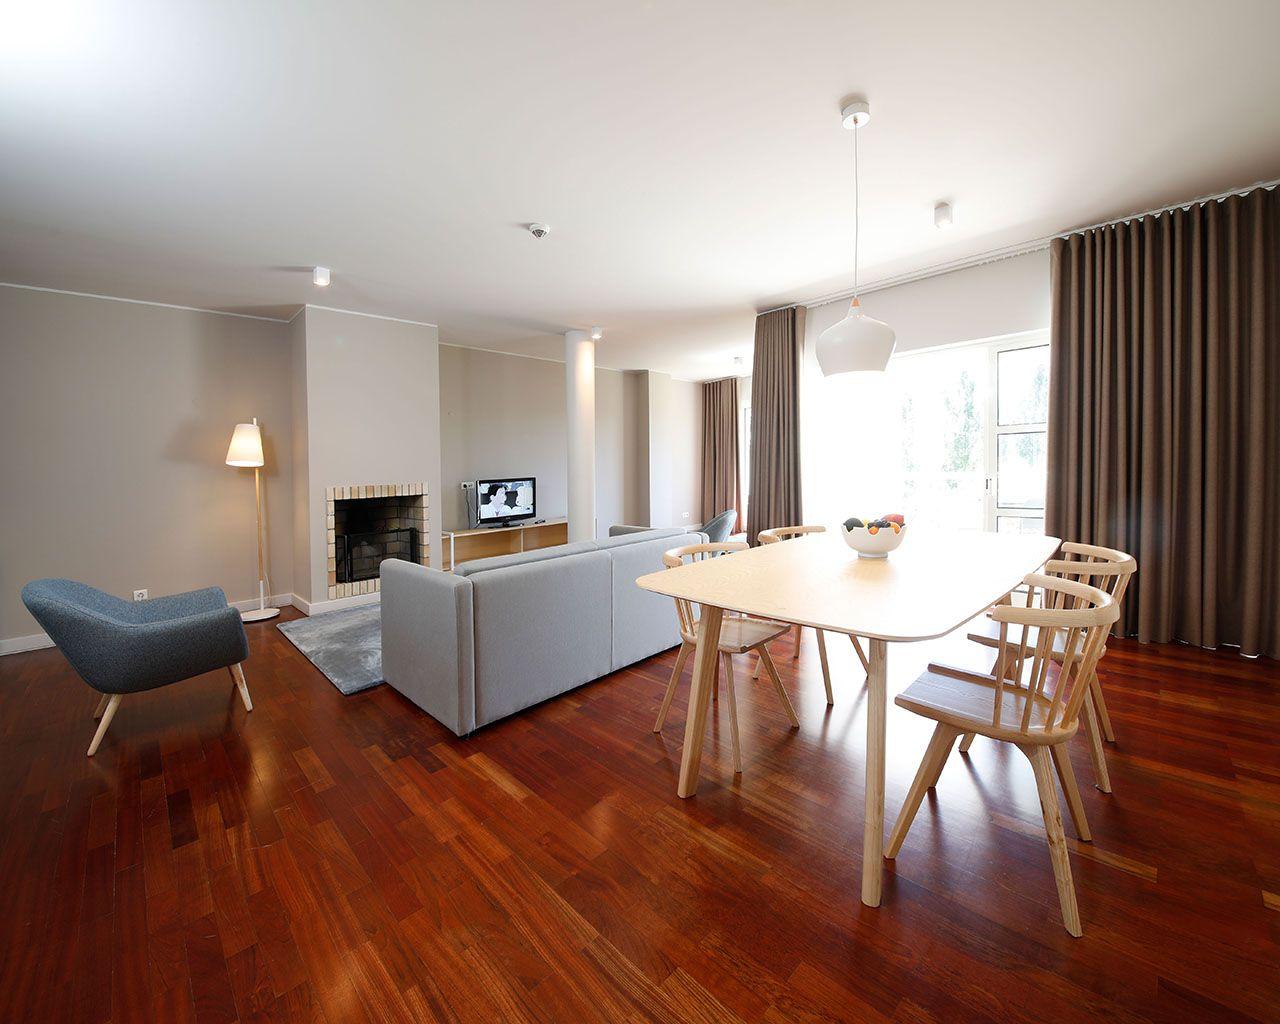 Sala de Estar - Apartamento T1 Premium